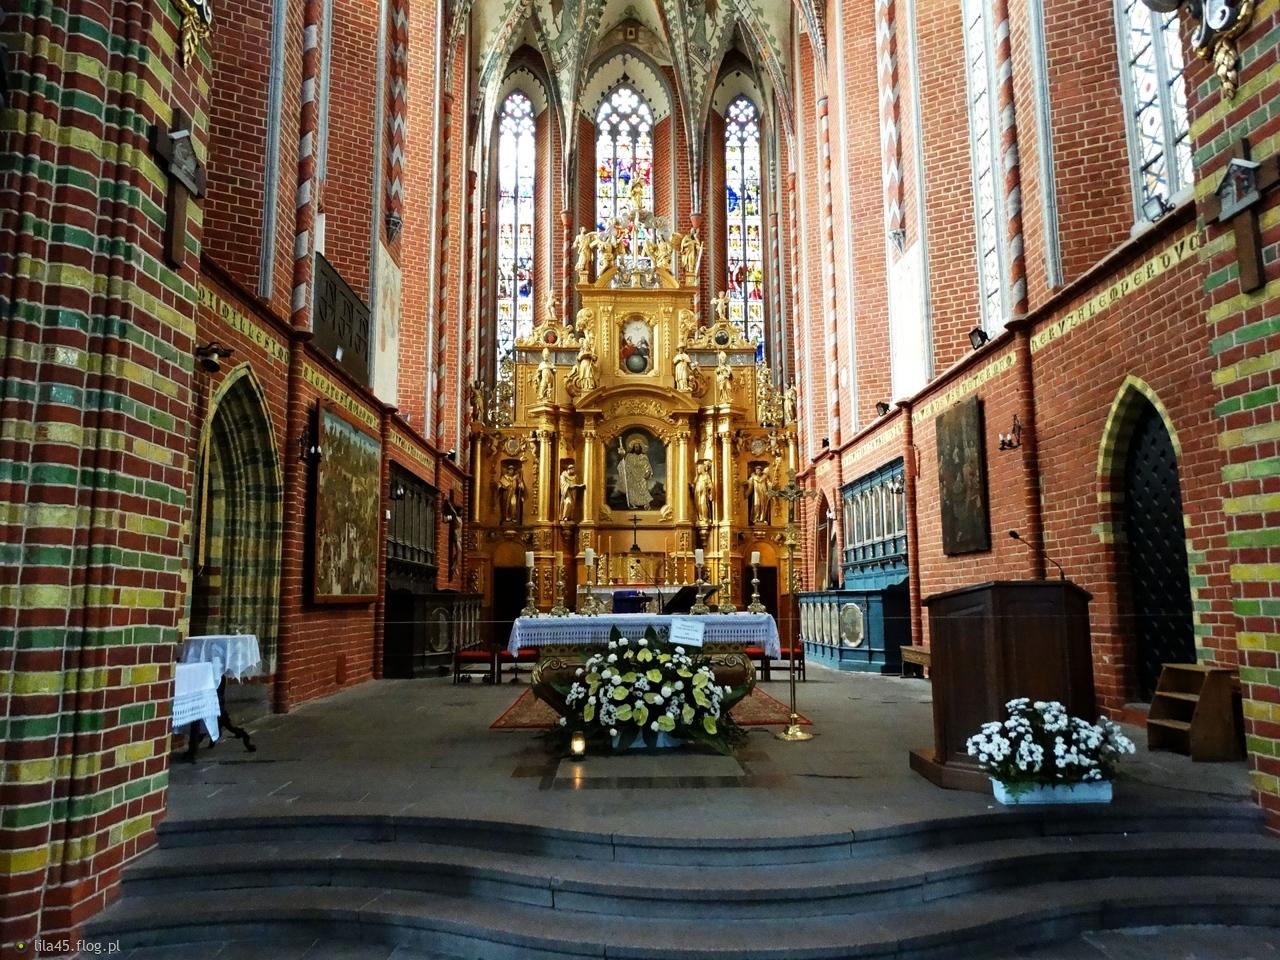 Kościół św.Jakuba Apostoła z XIVw  w Toruniu....słonecznej niedzieli życzę:)